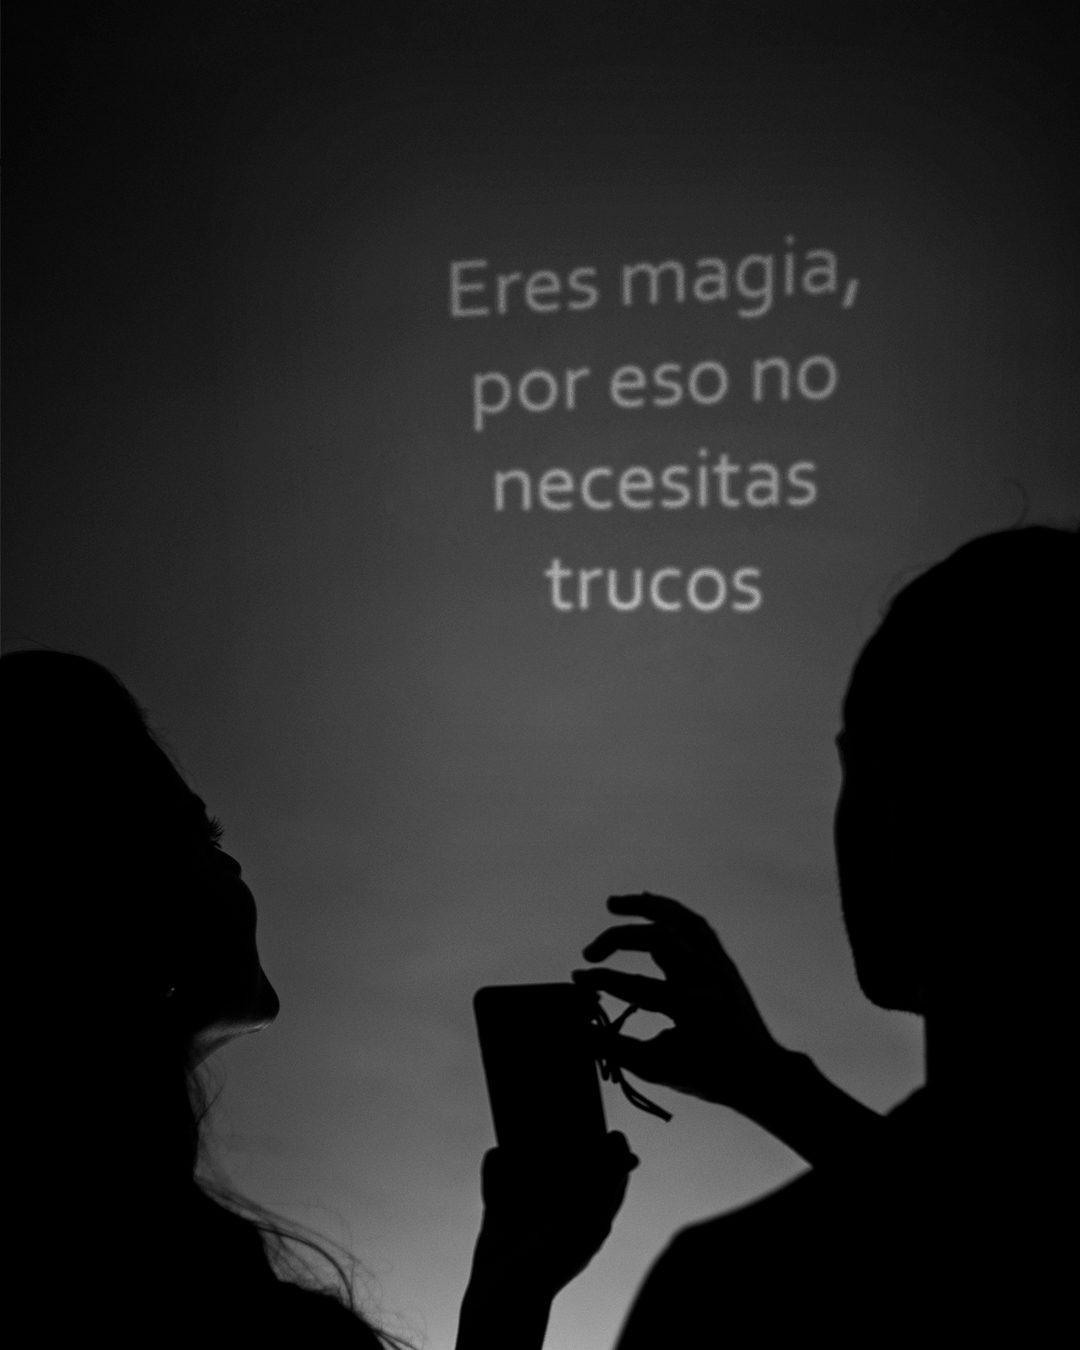 ERES MAGIA1